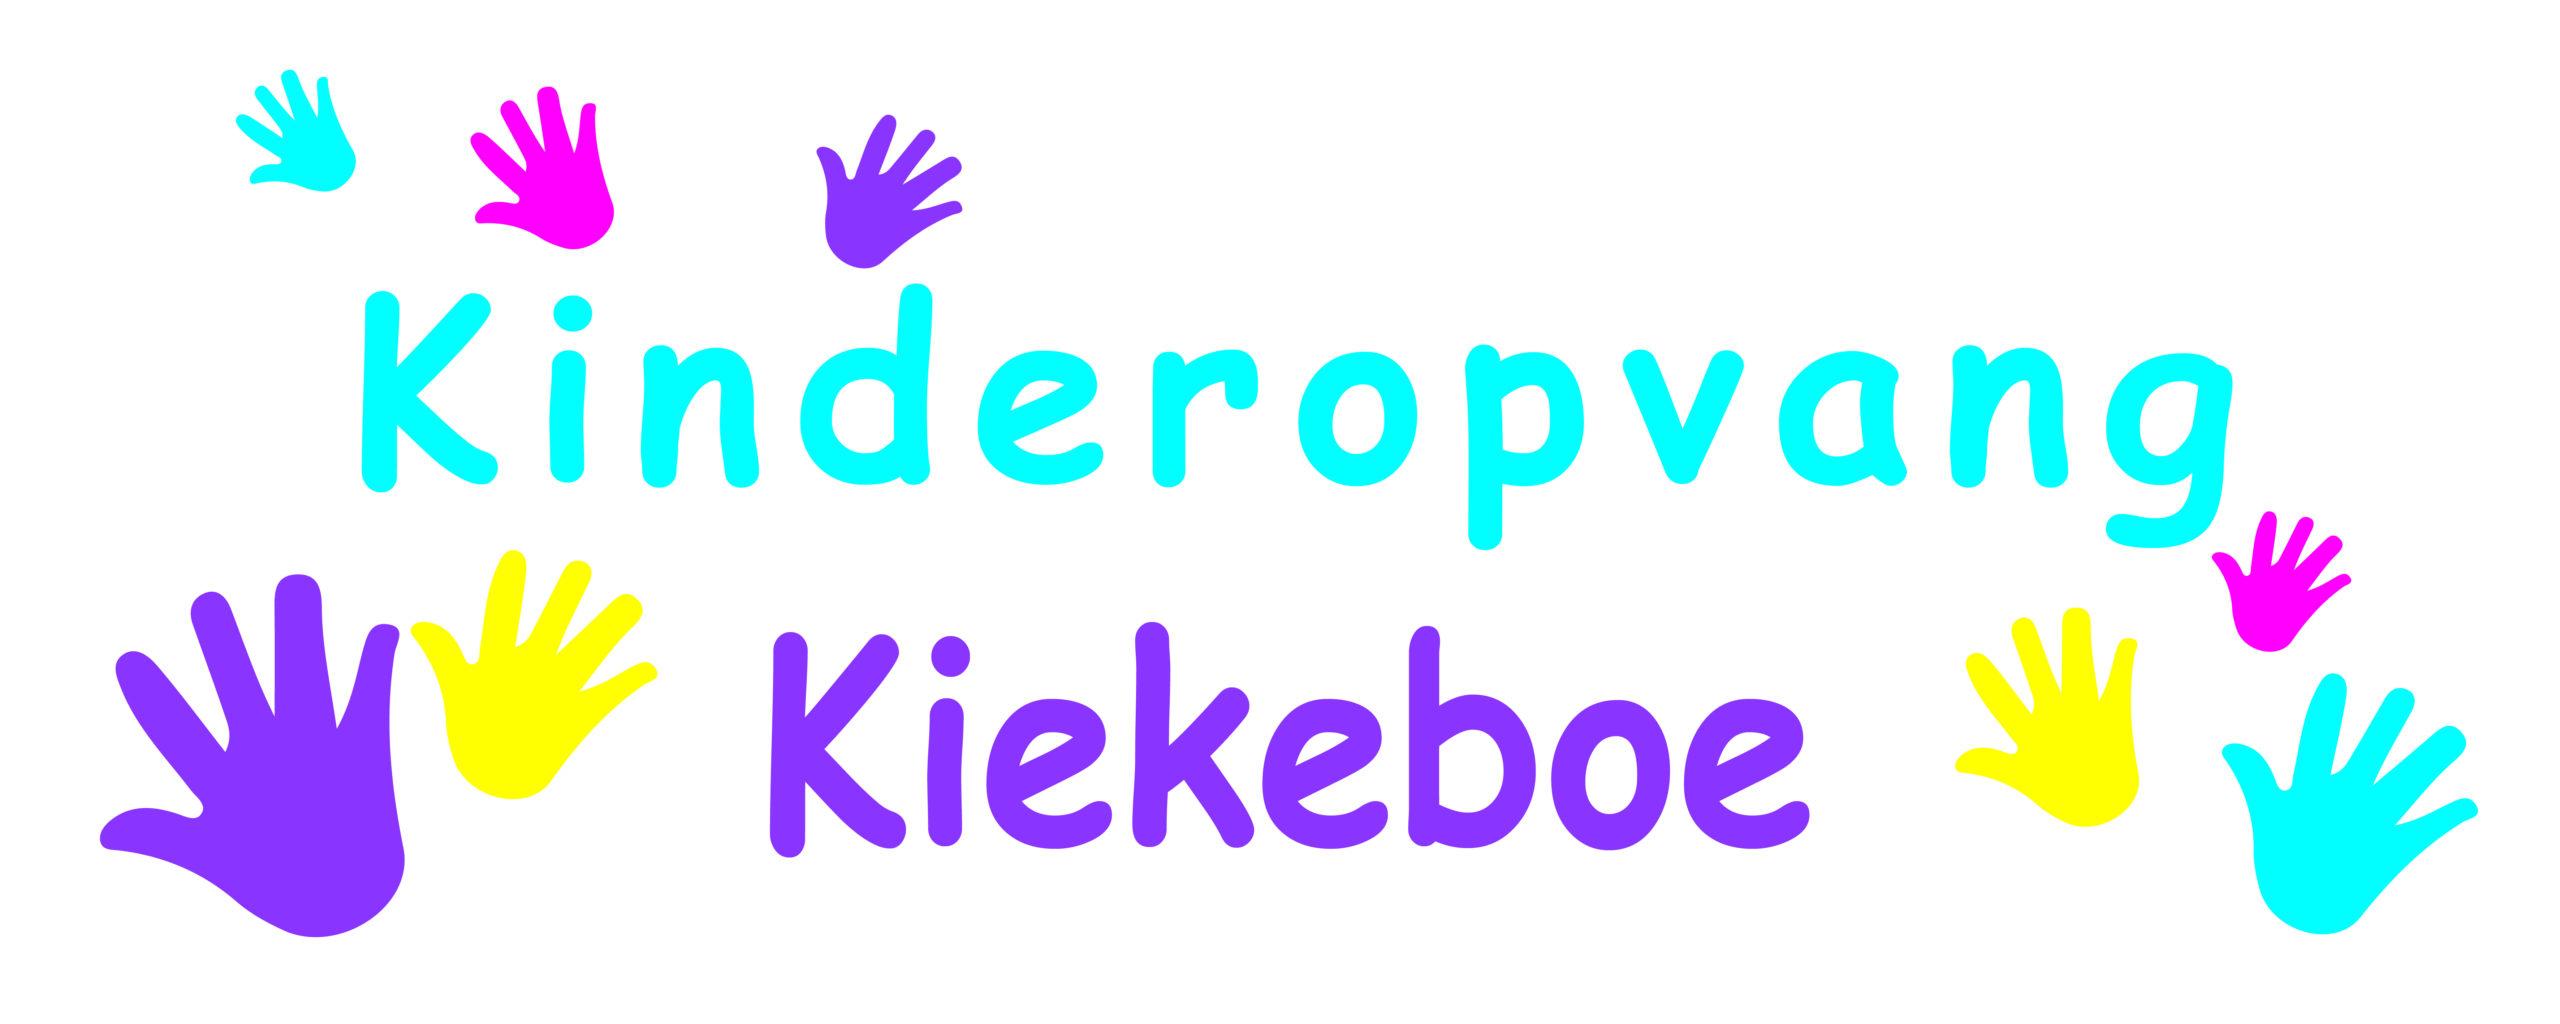 Kinderopvang Kiekeboe